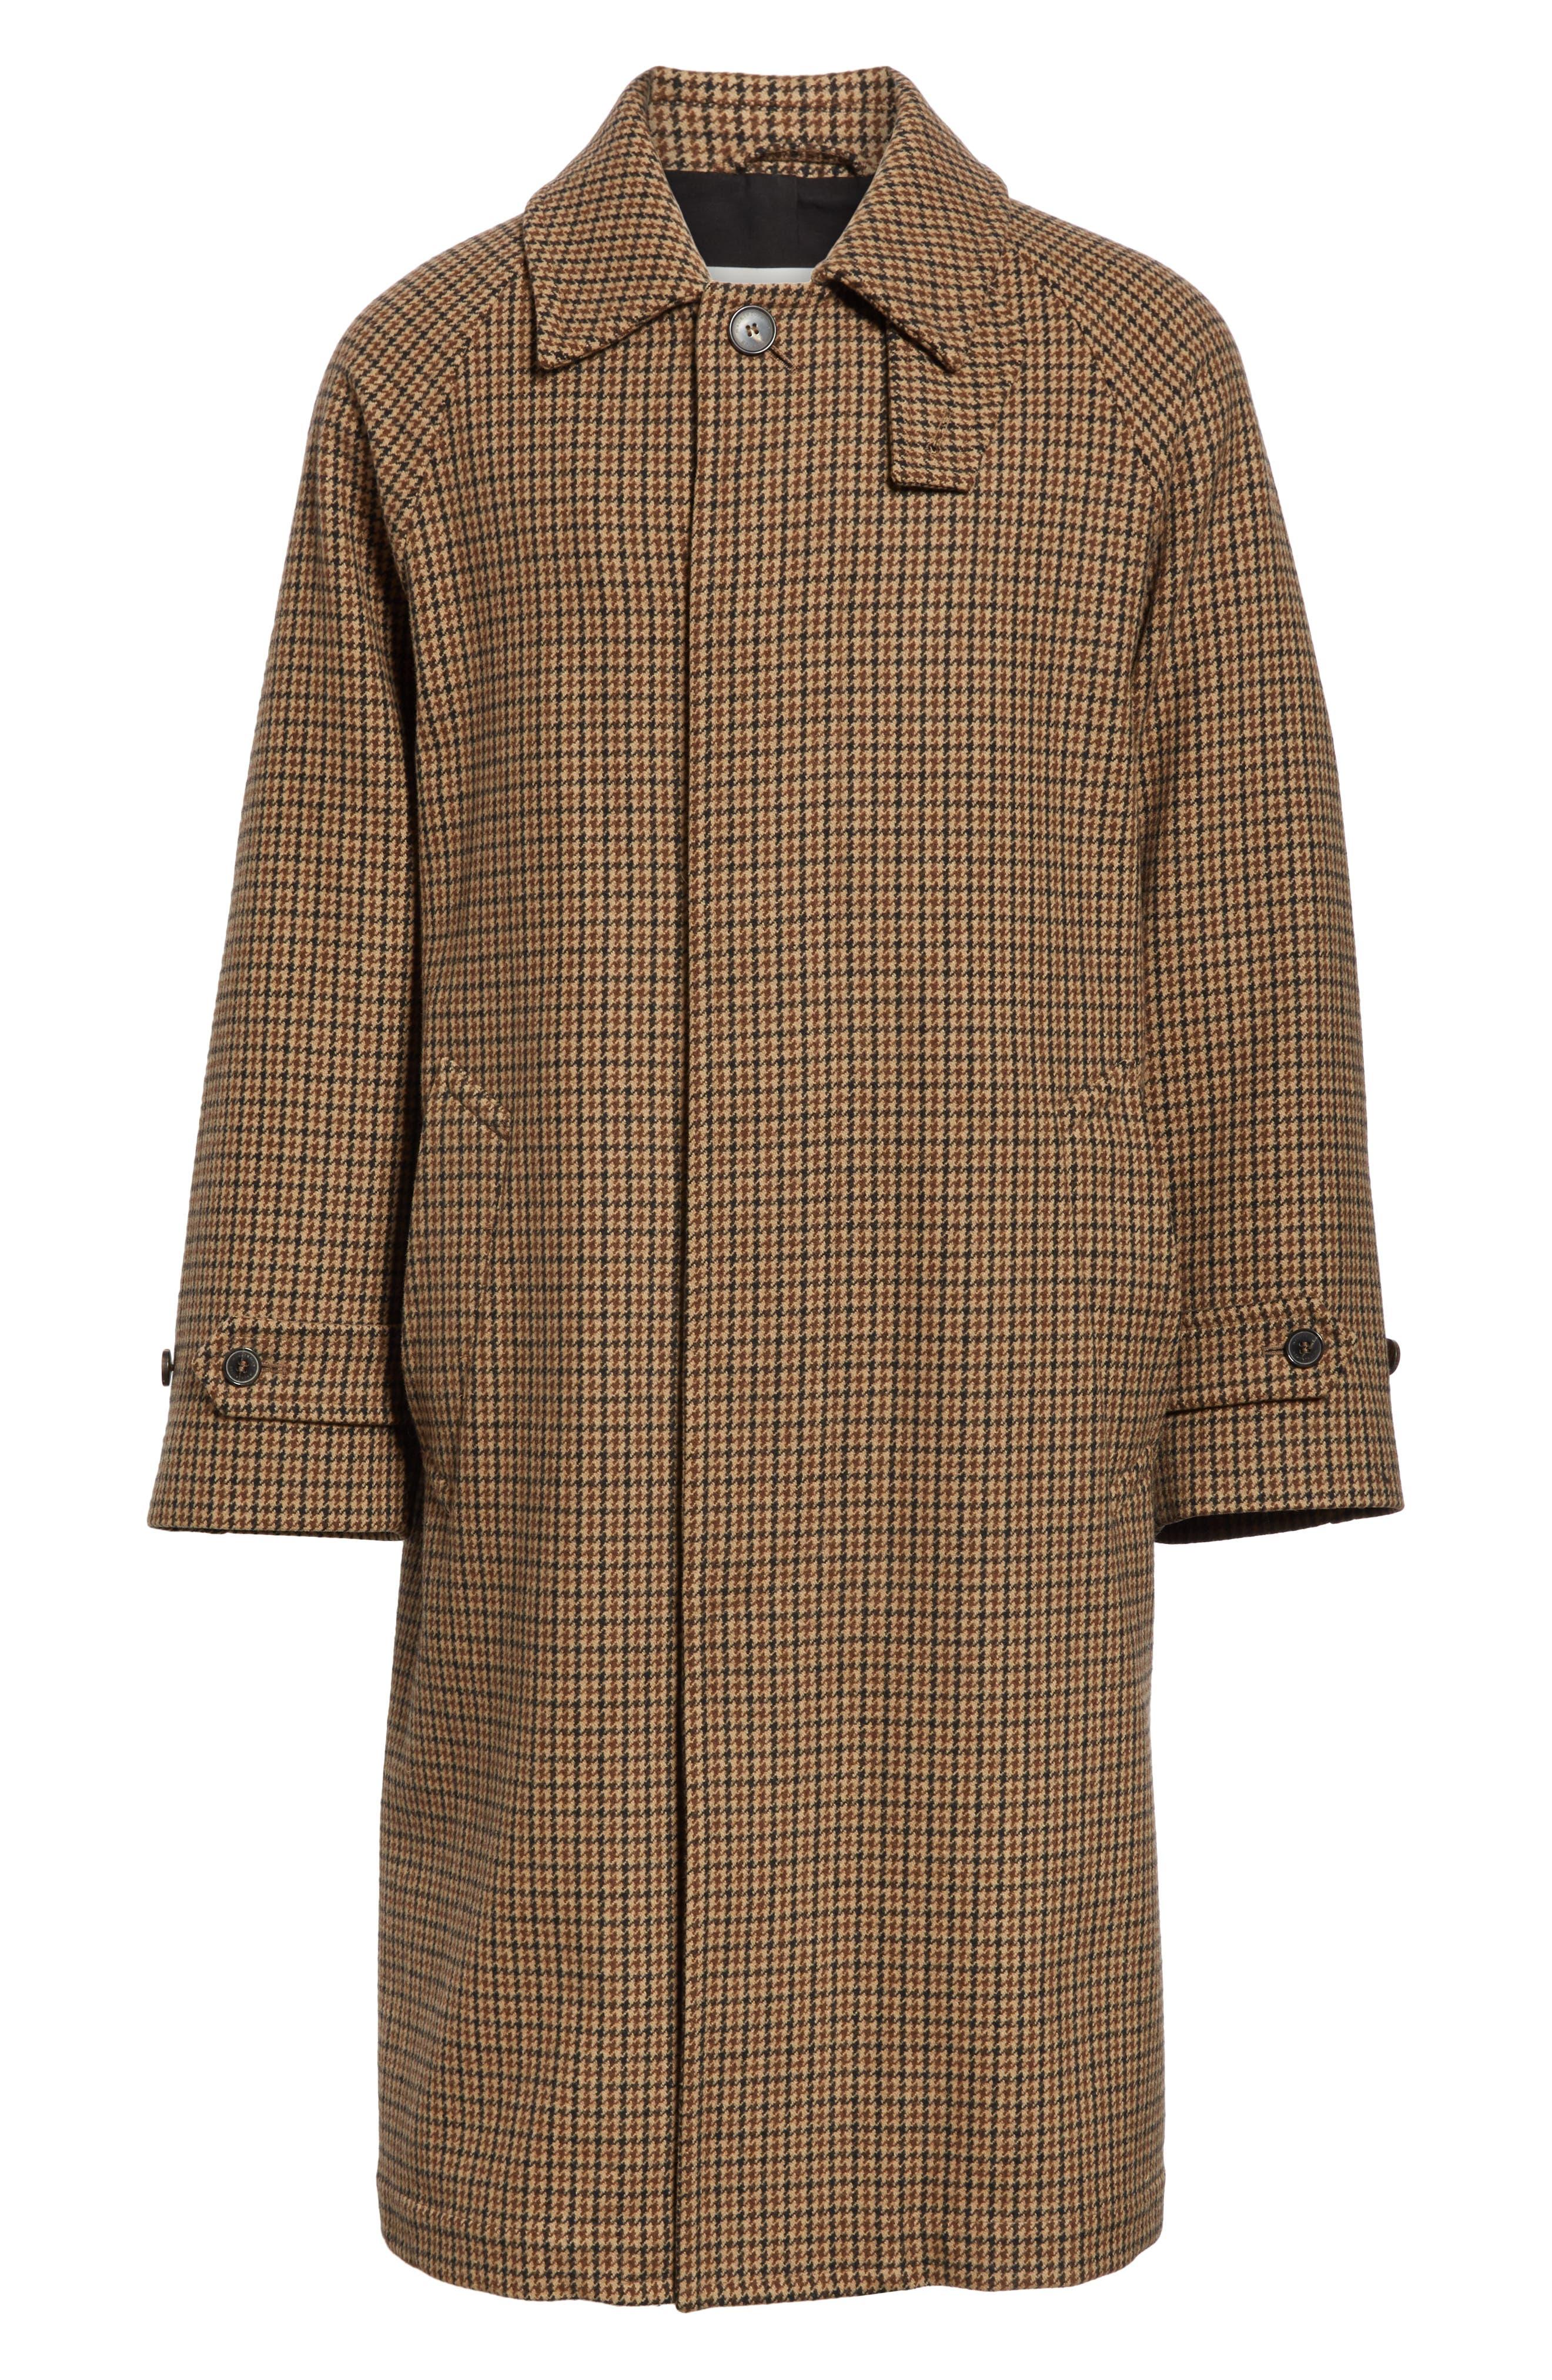 Gents Gun Club Check Virgin Wool Coat, Main, color, GUNCLUB